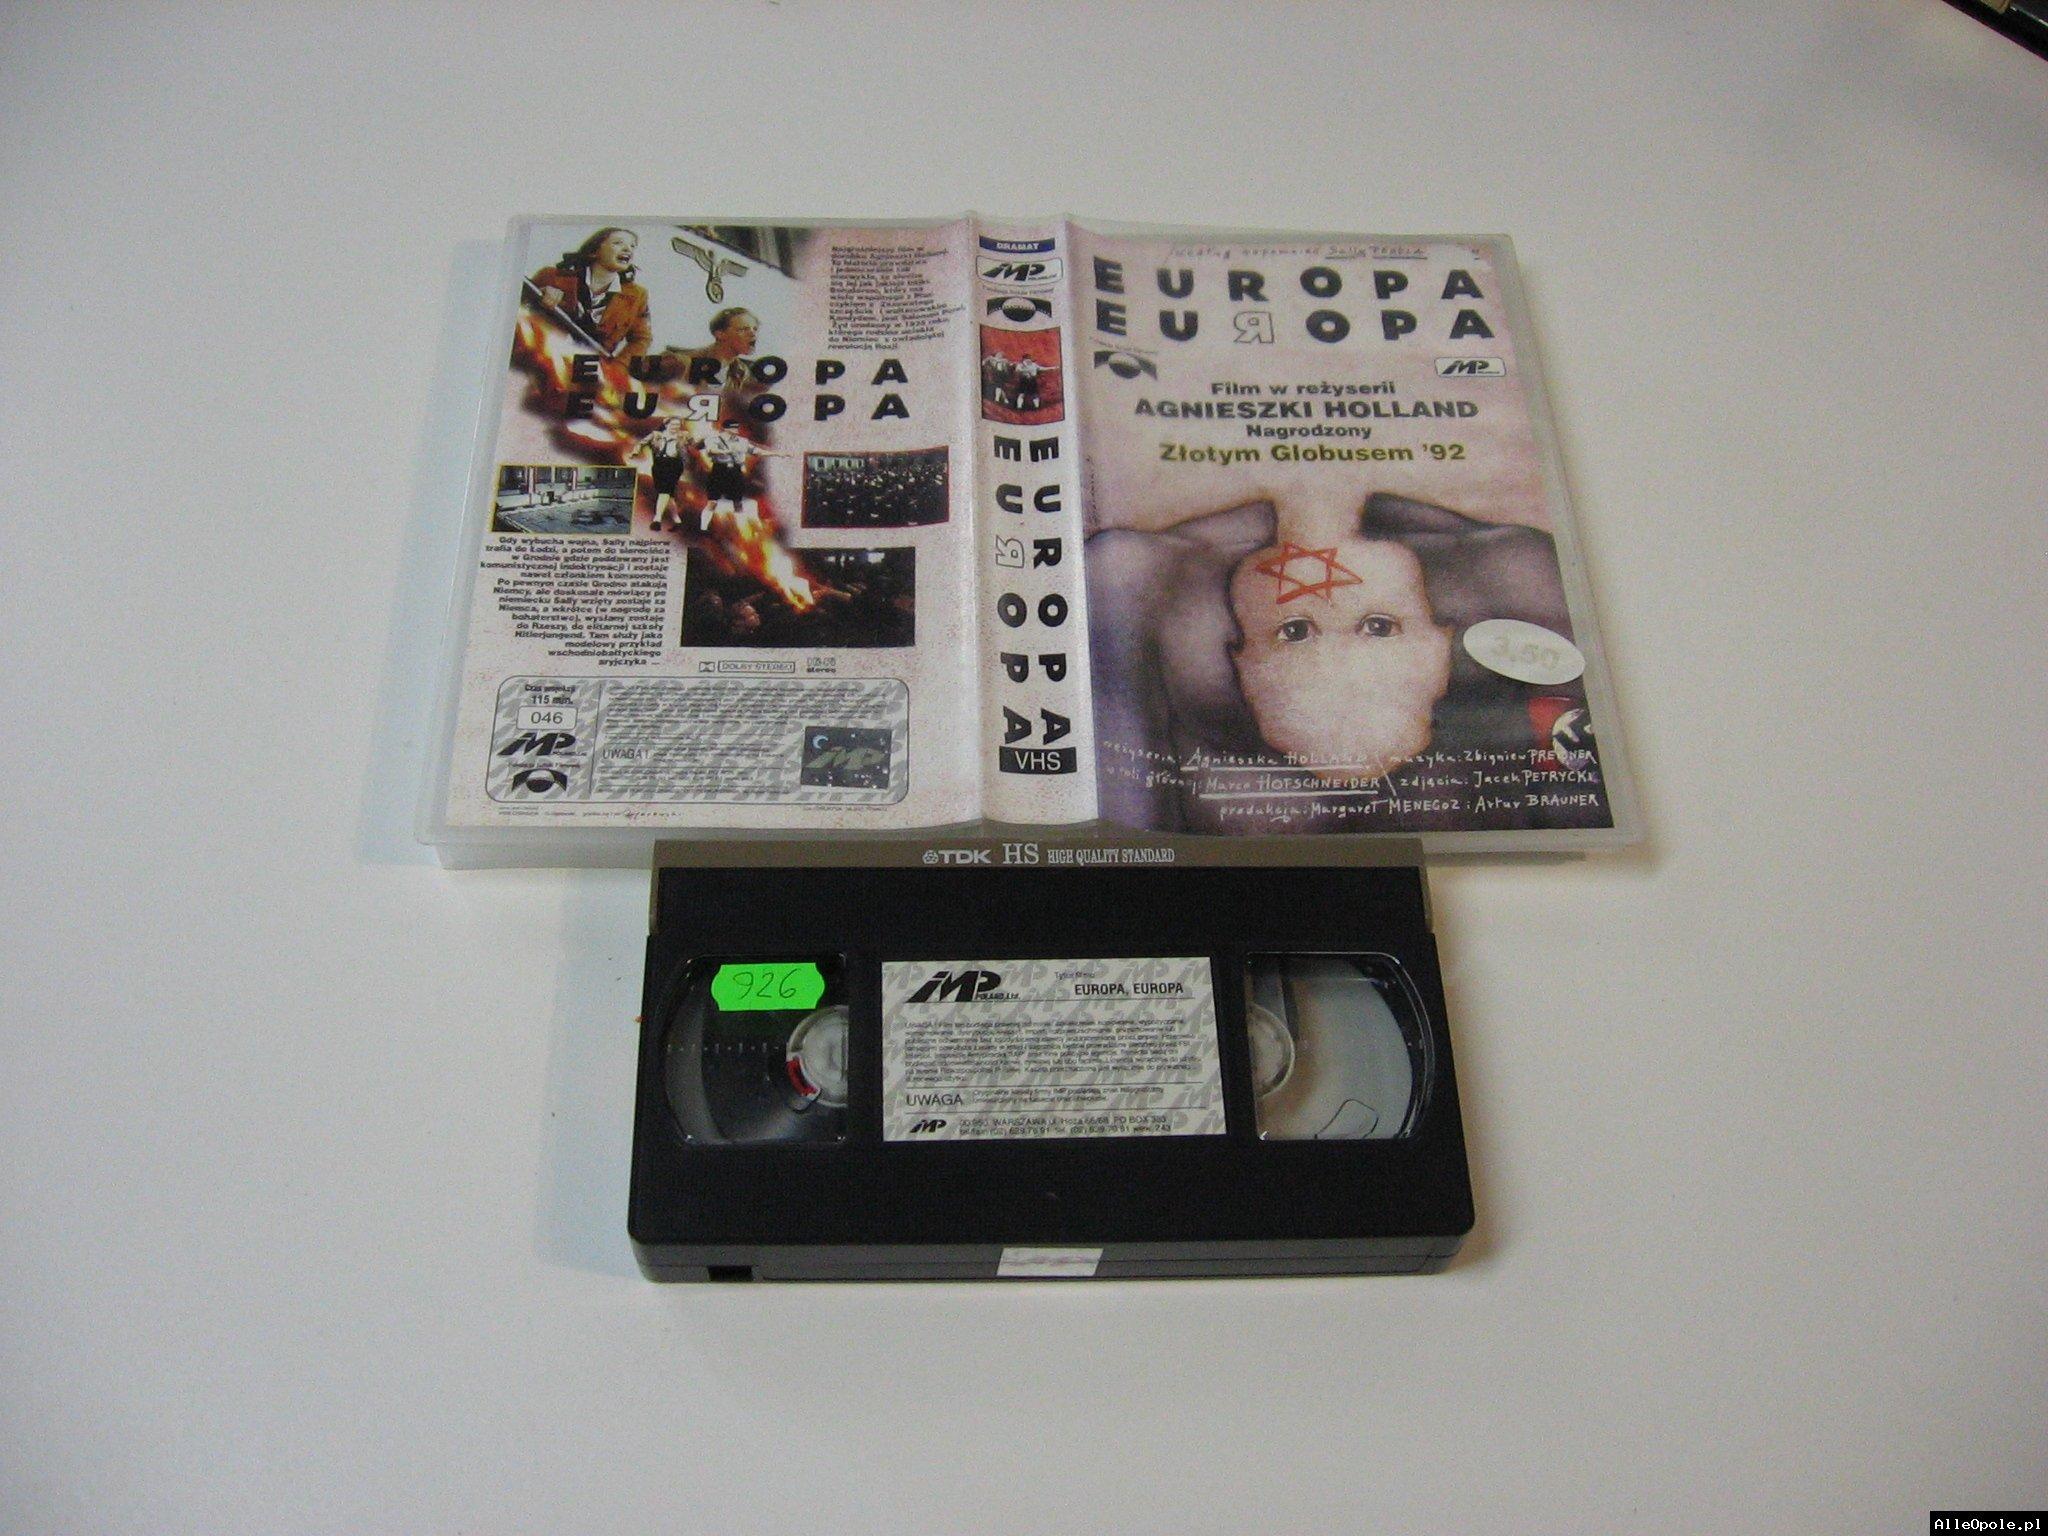 EUROPA EUROPA - VHS Kaseta Video - Opole 1762